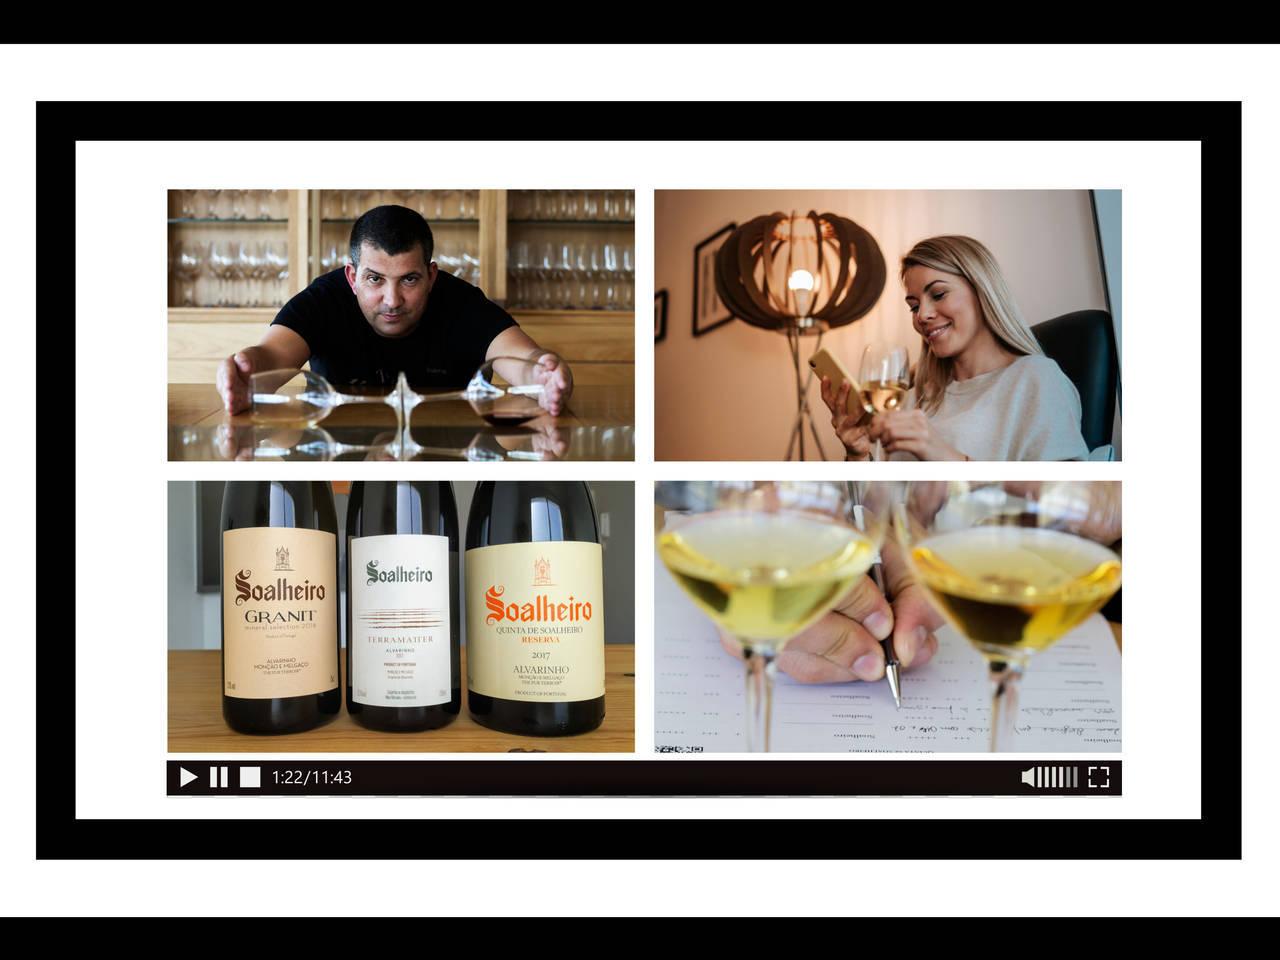 O kit de prova inclui três vinhos, mas não só